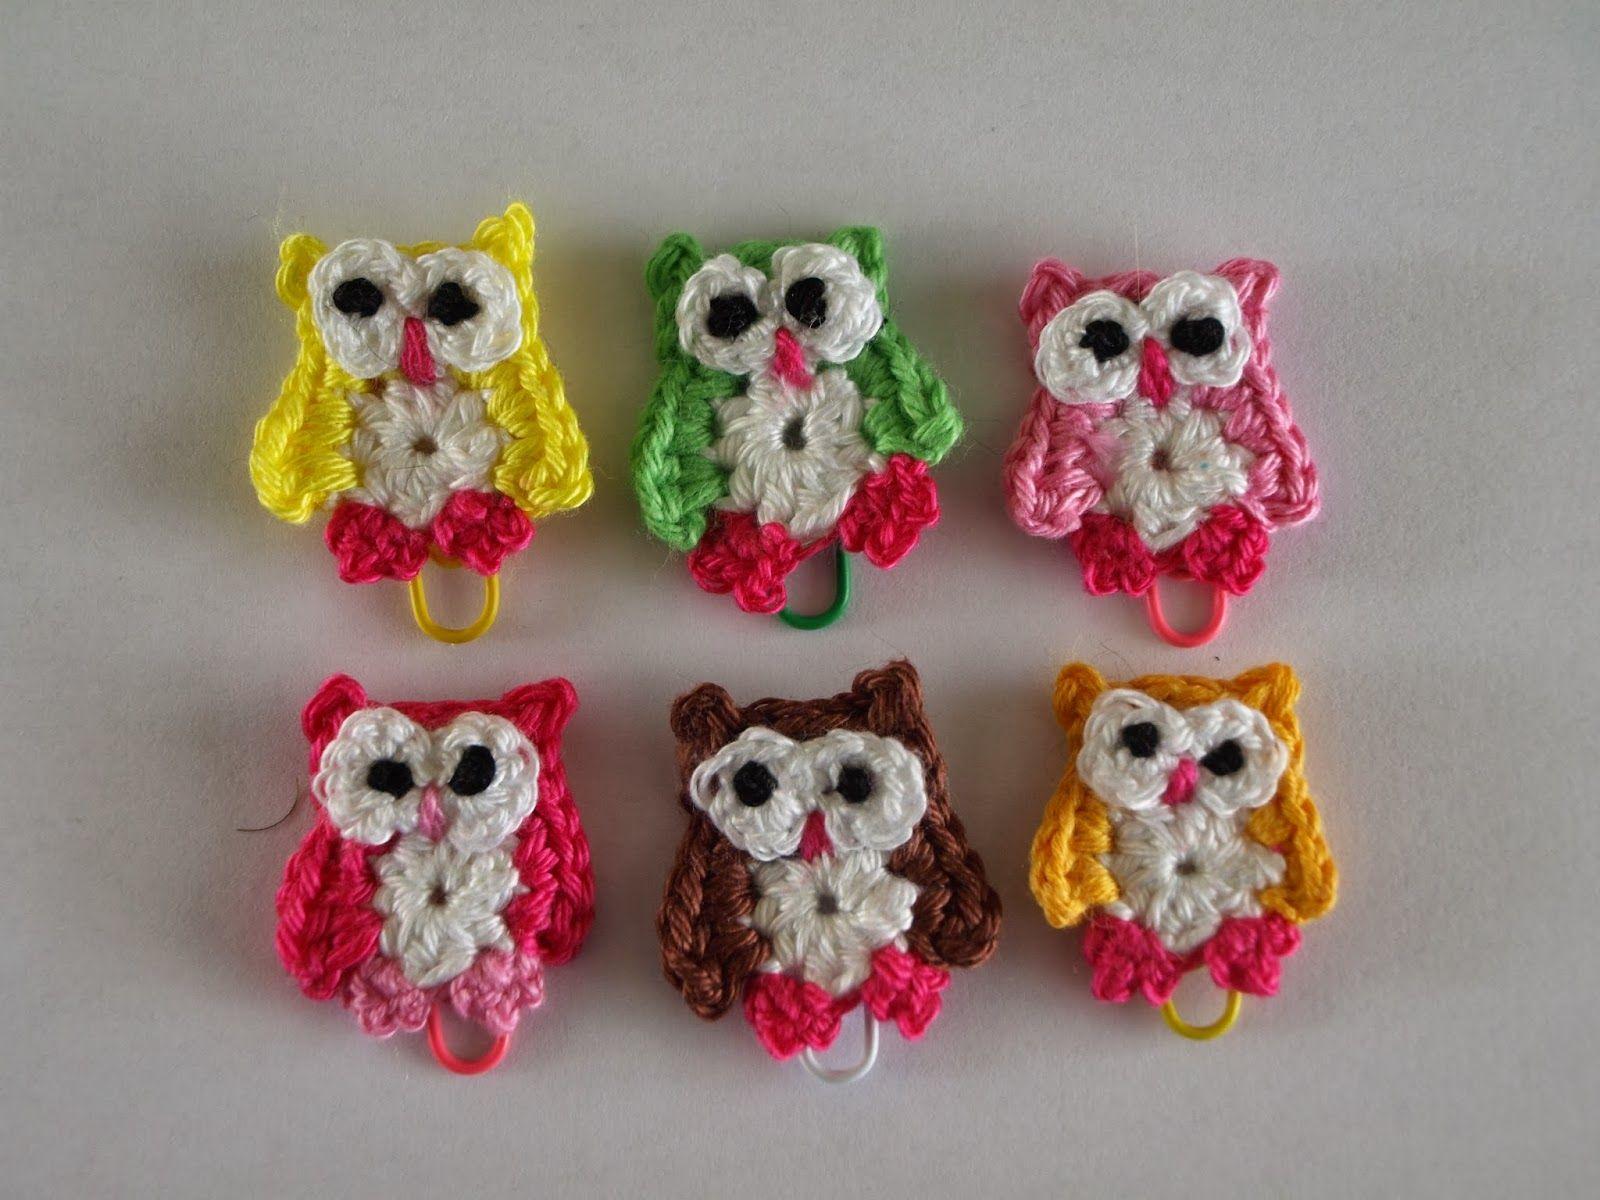 Tutorial Elfi Amigurumi : Elfi jo klein uiltje met patroon crochet appliques